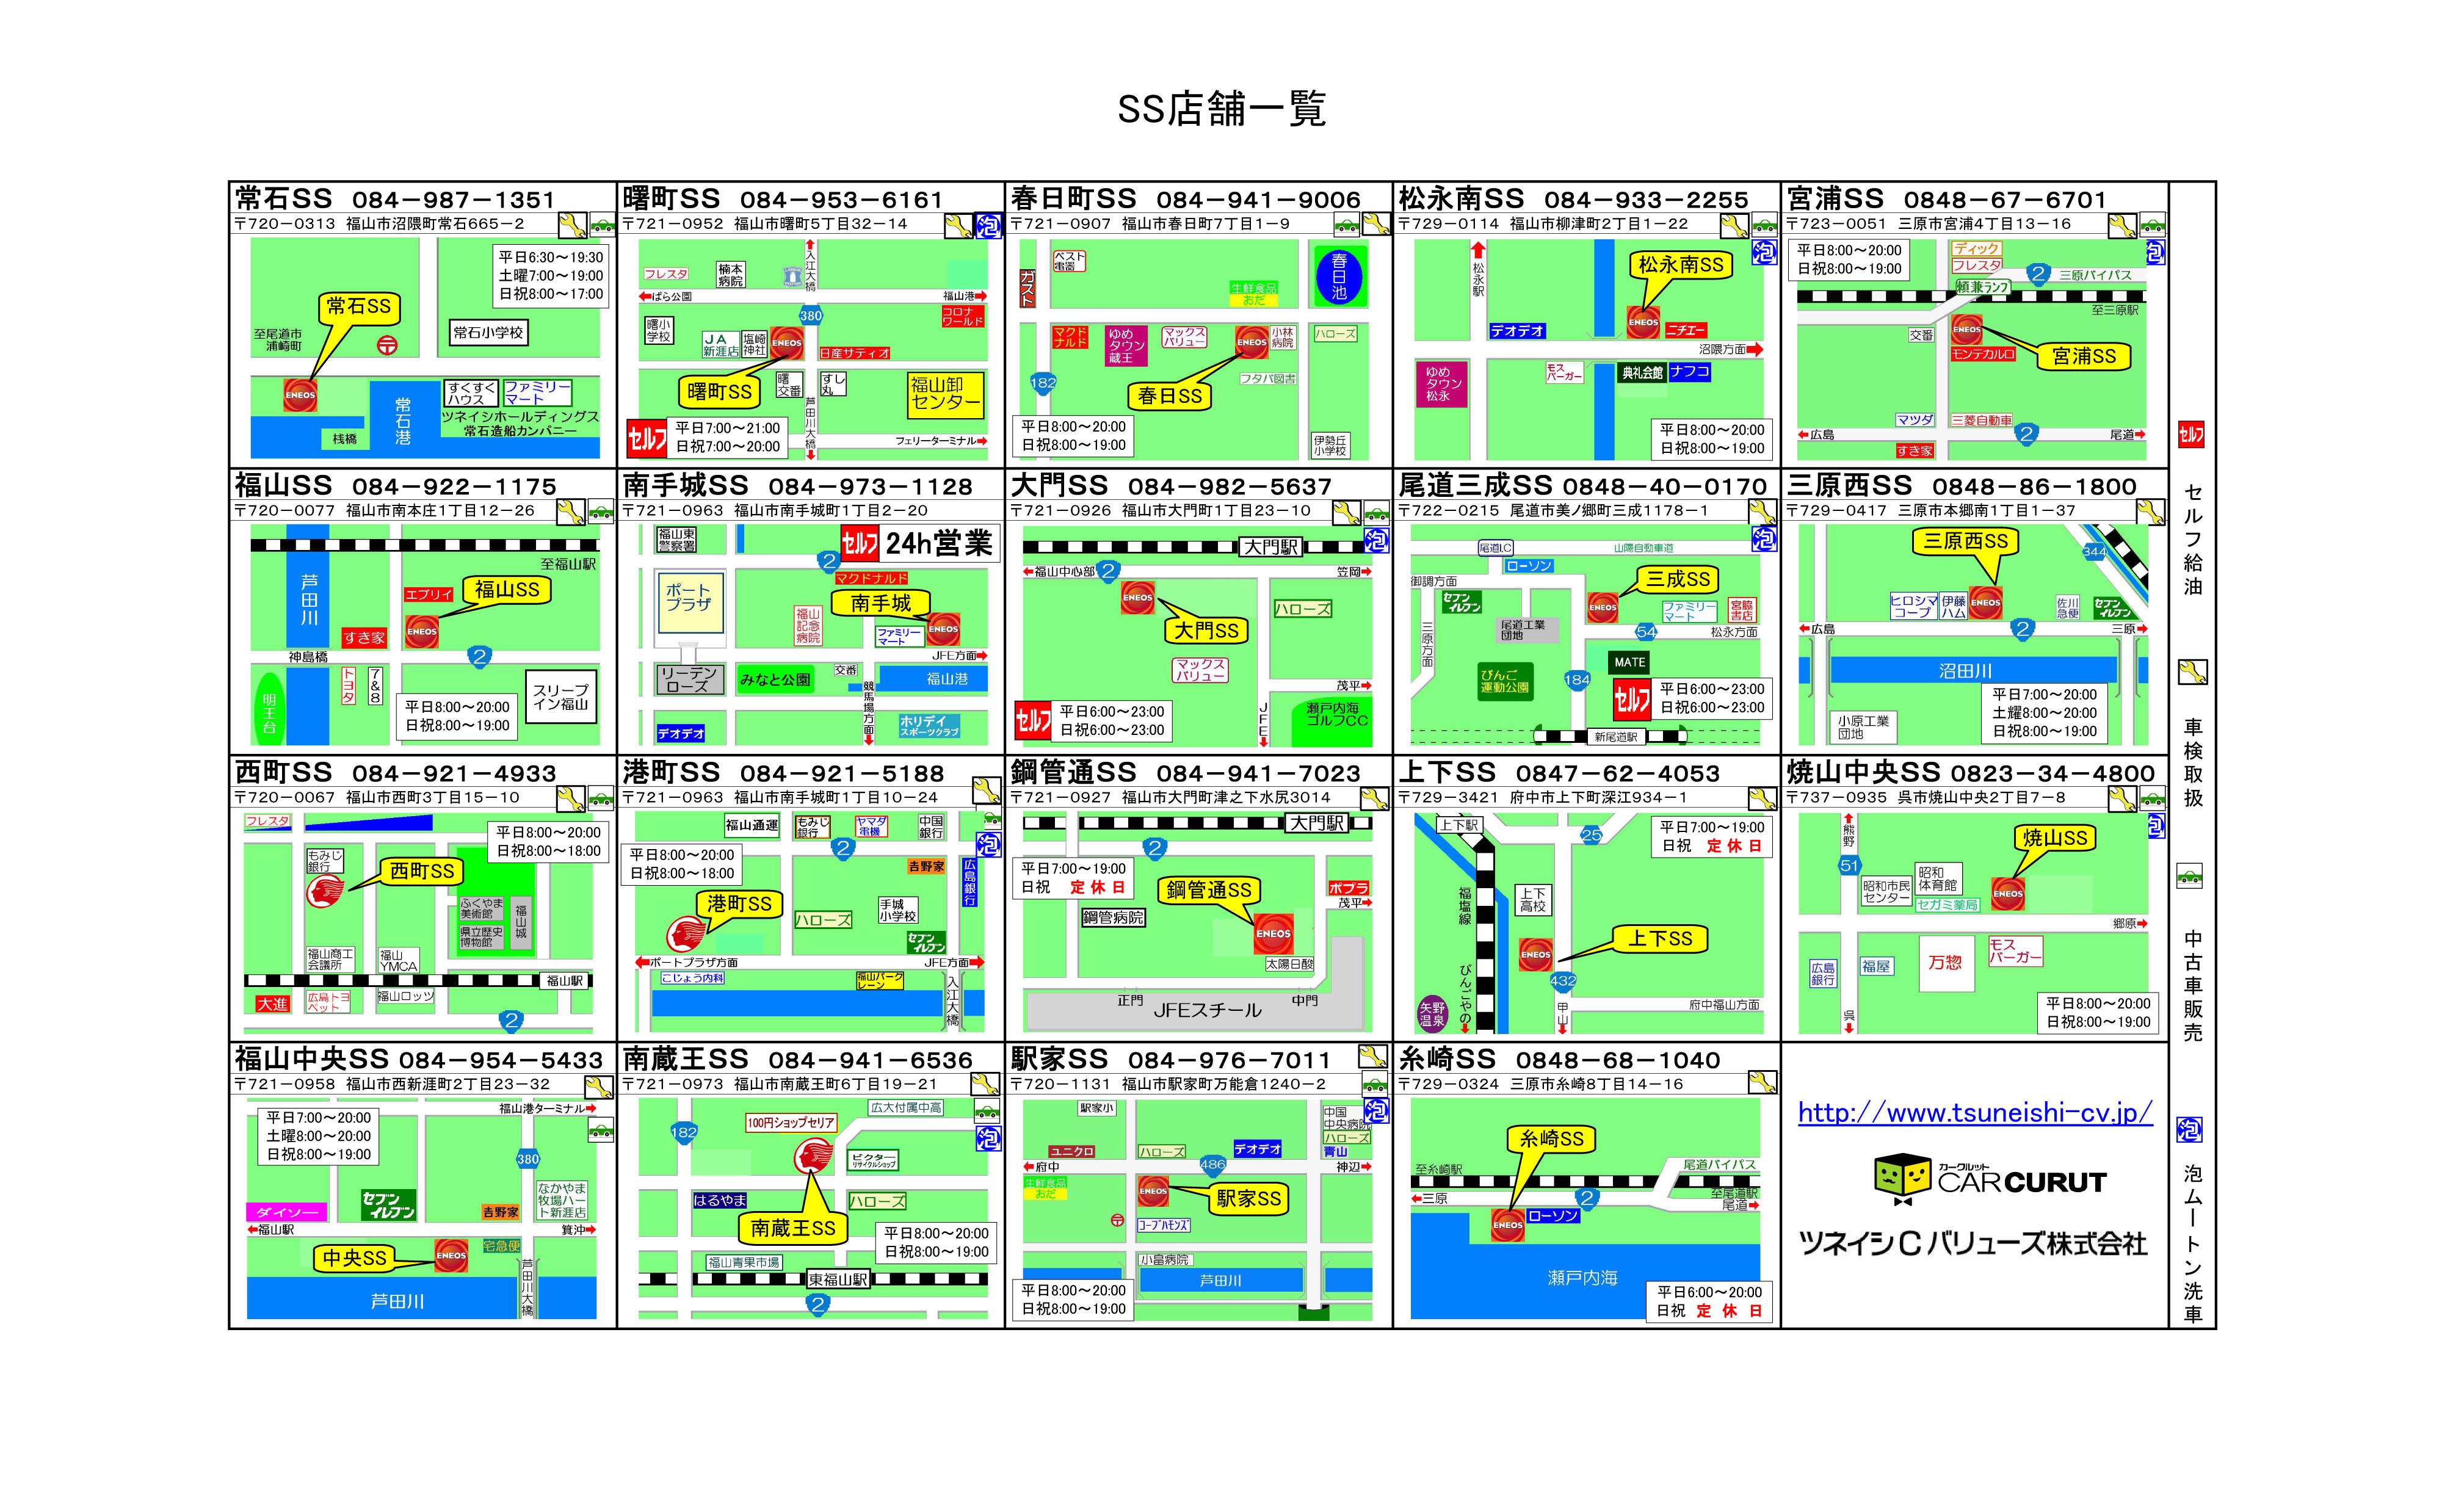 サービスステーションマップ